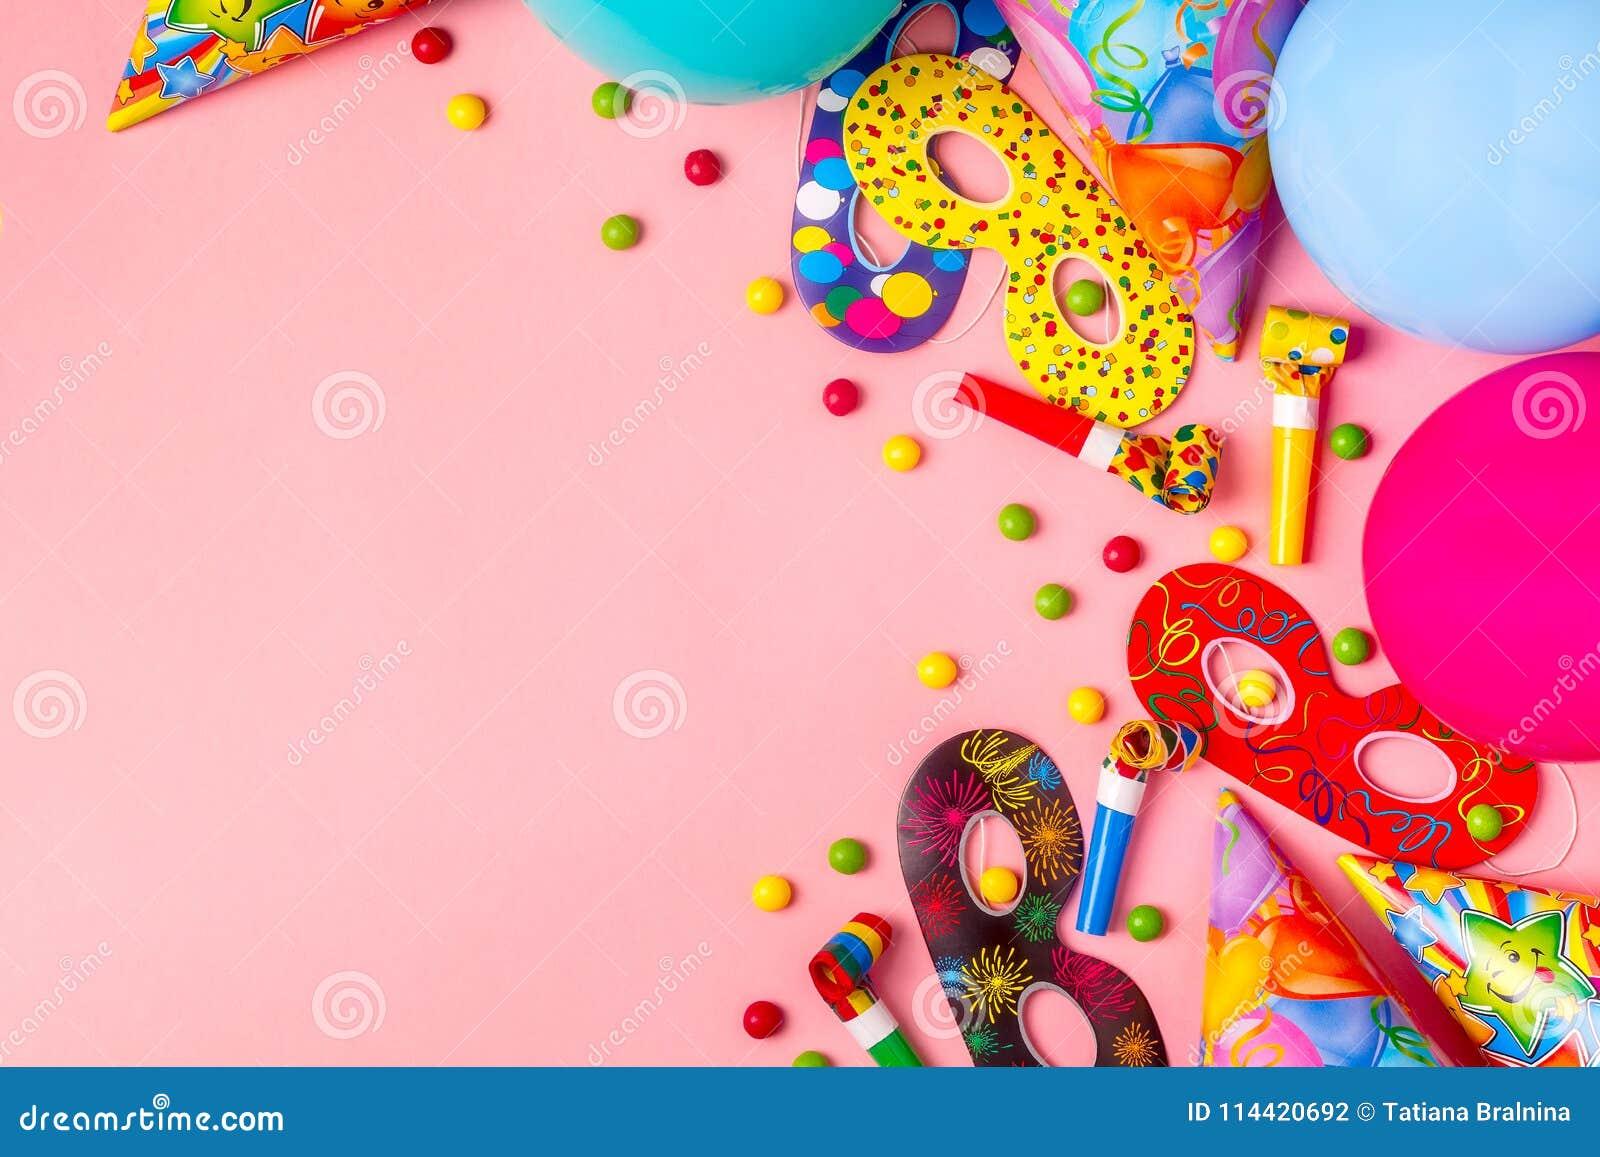 Decoração brilhante para um aniversário, um partido, um festival ou um carnaval